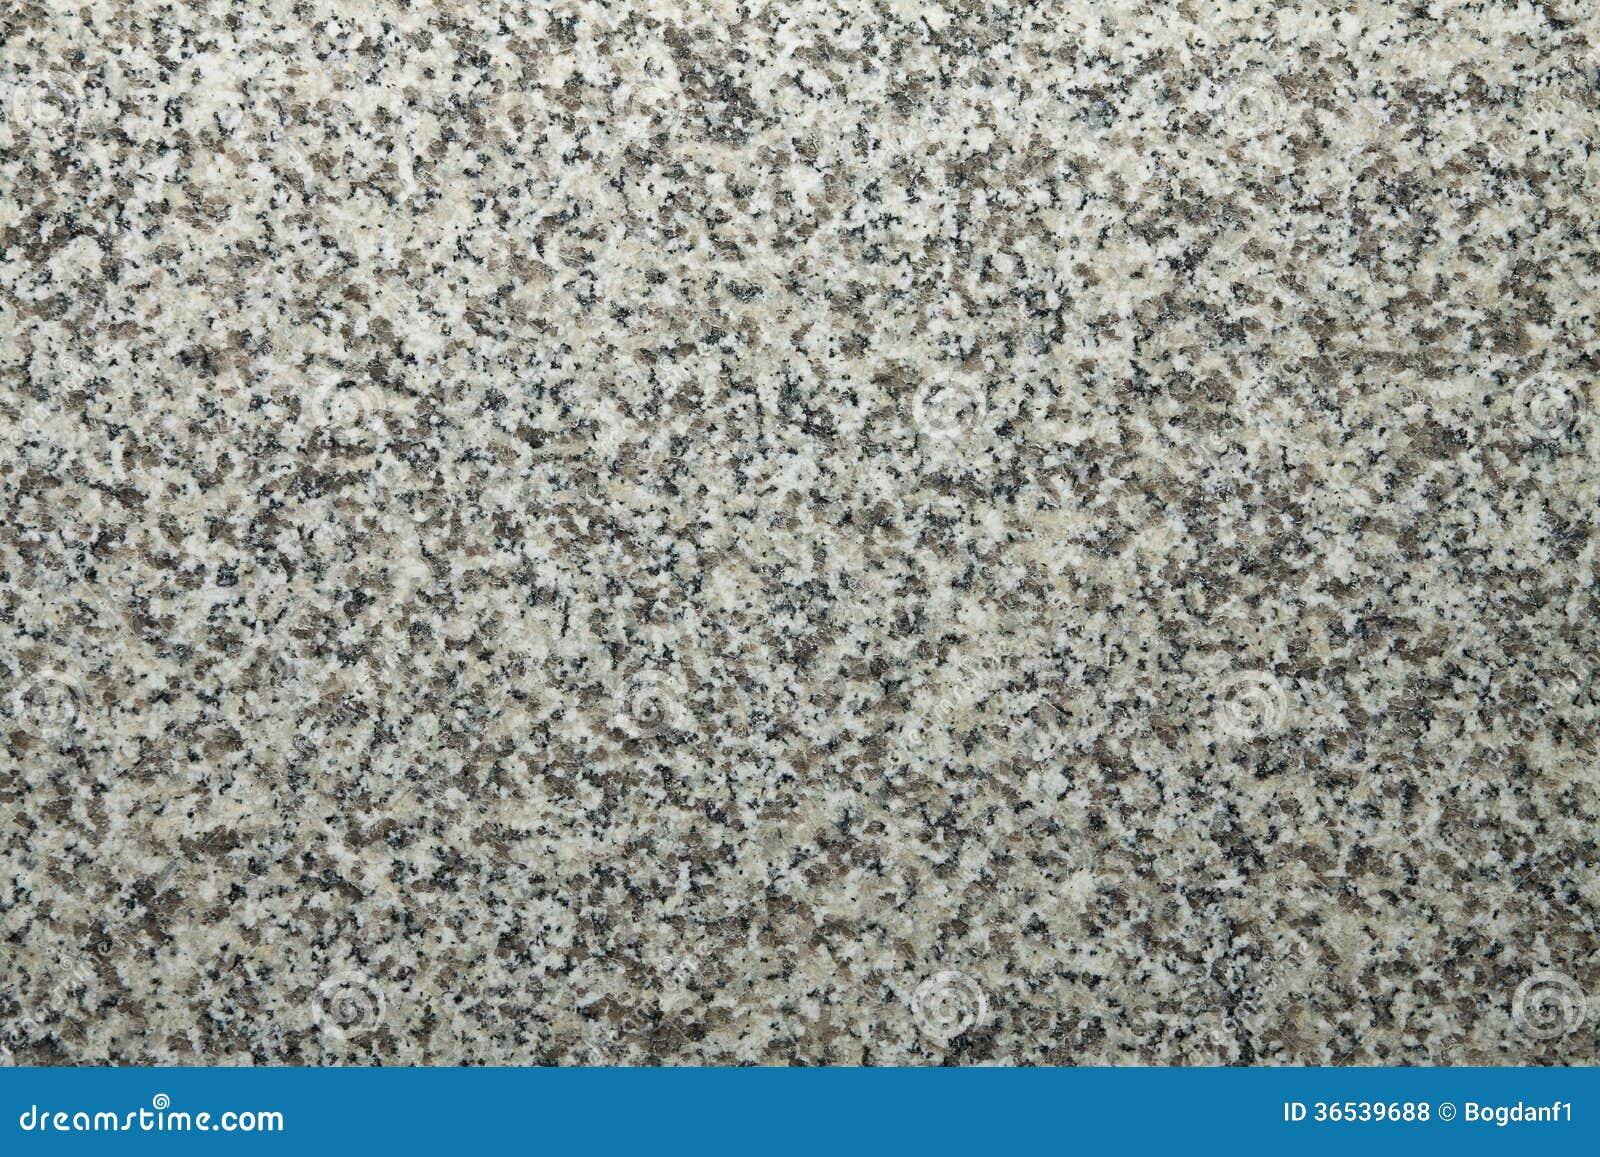 G603 blanco el granito pulido cristal fotos de archivo for Granito blanco cristal precio